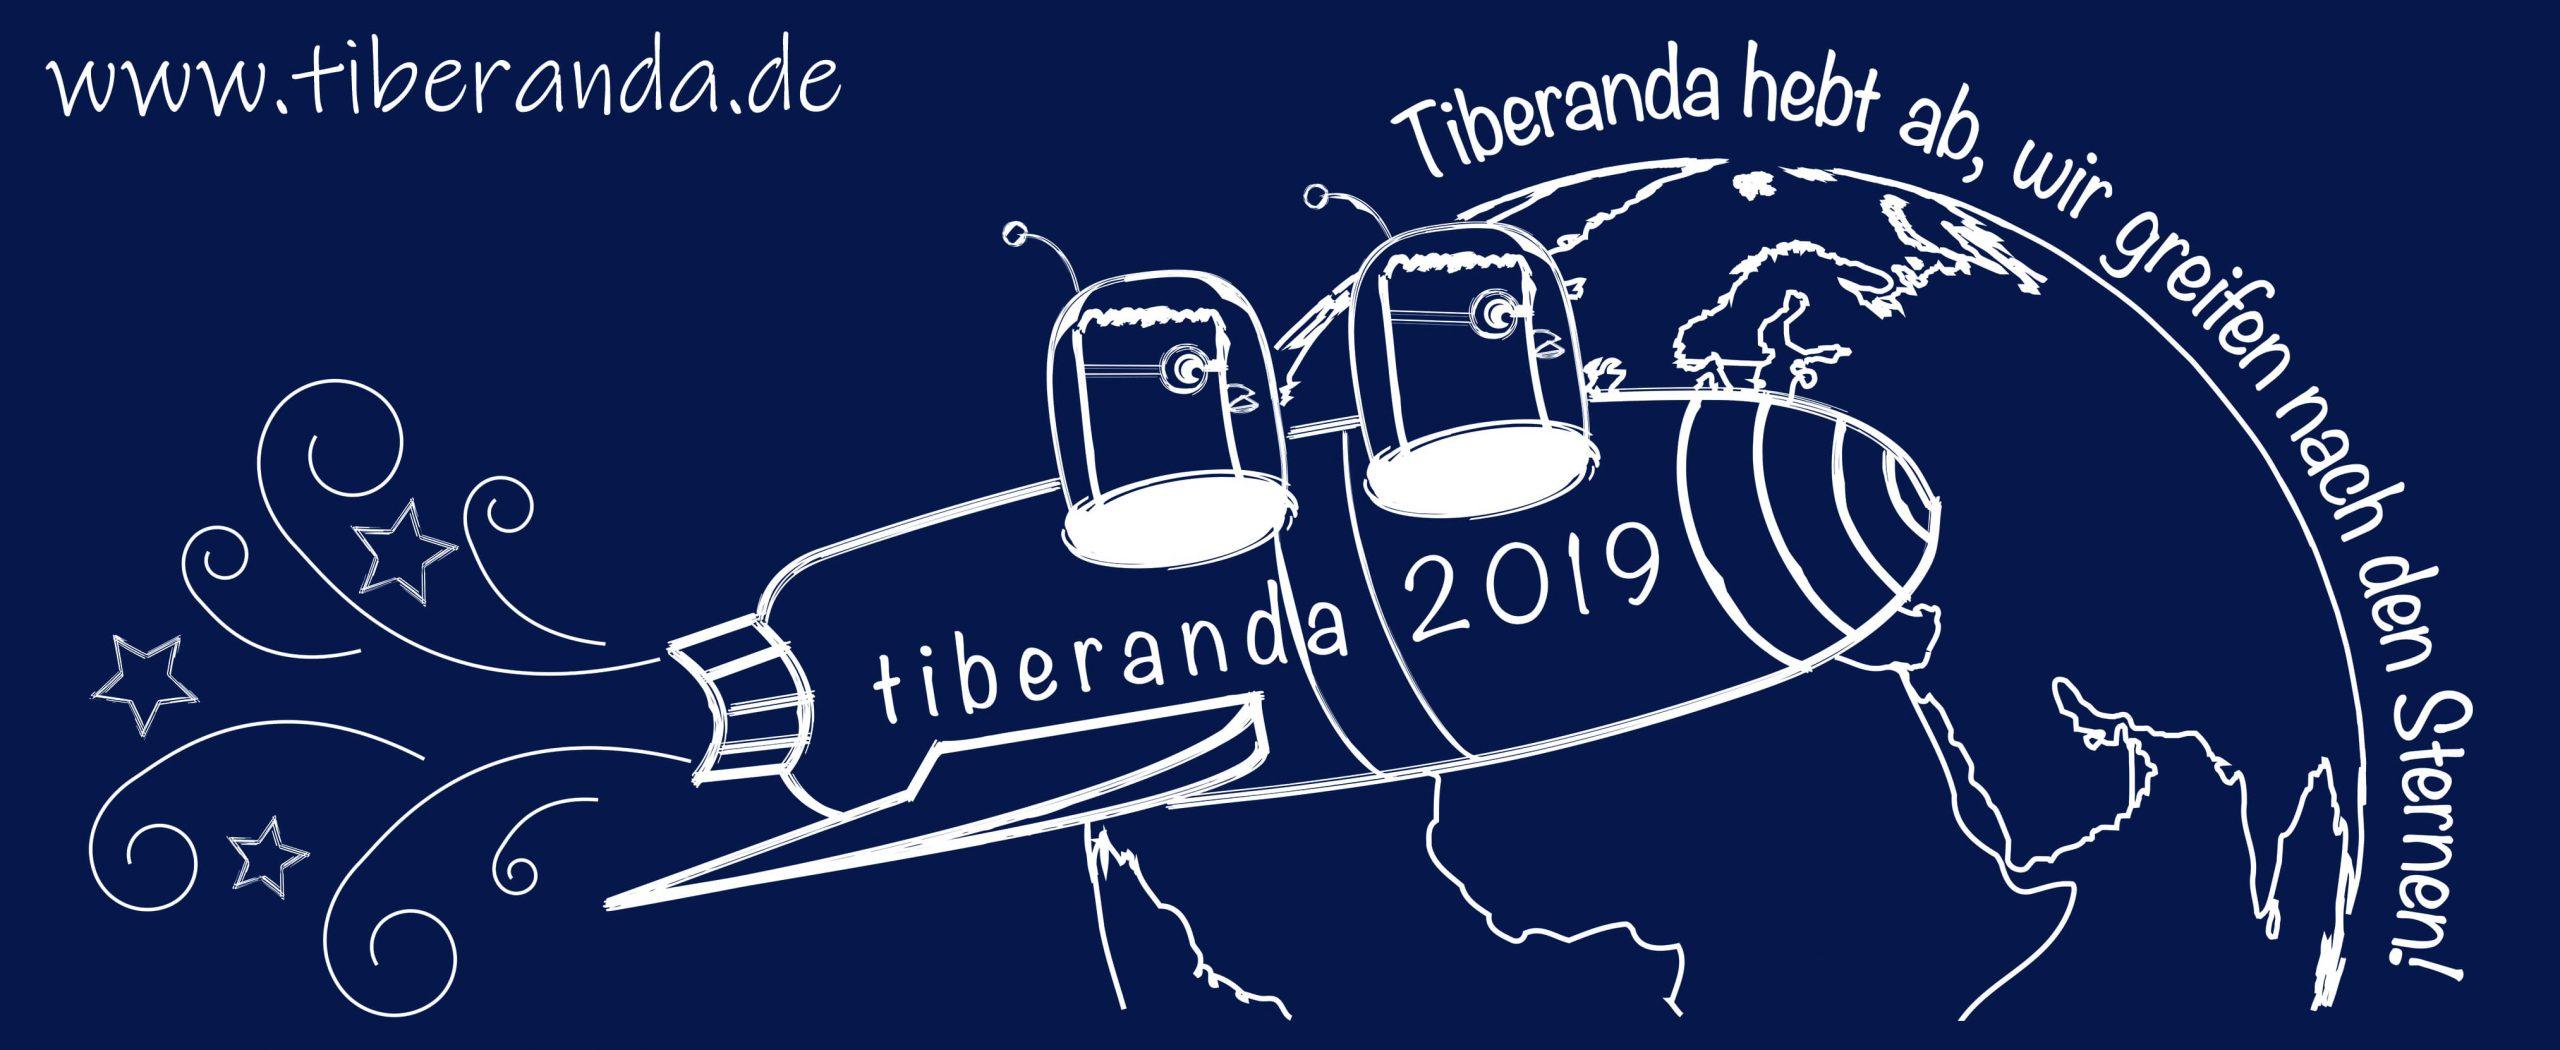 Tiberanda